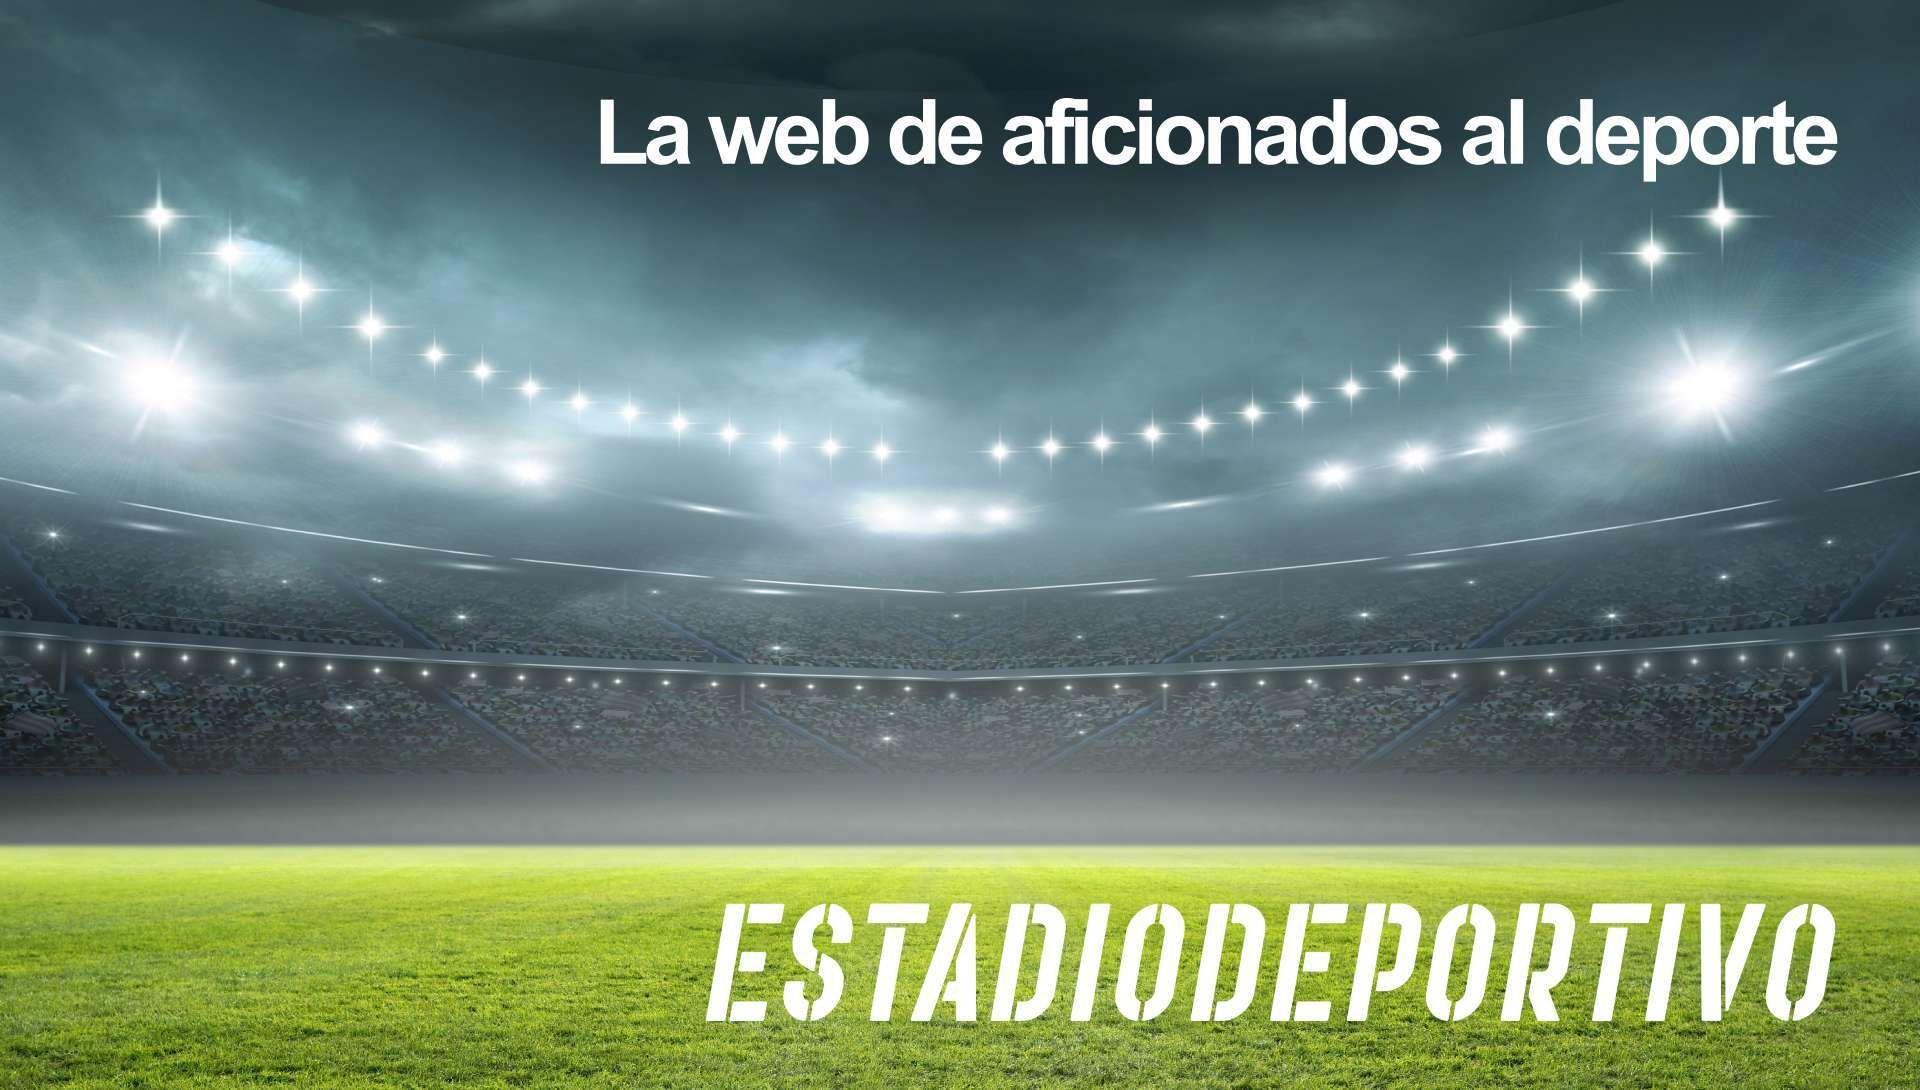 Once afición del Betis para el Camp Nou